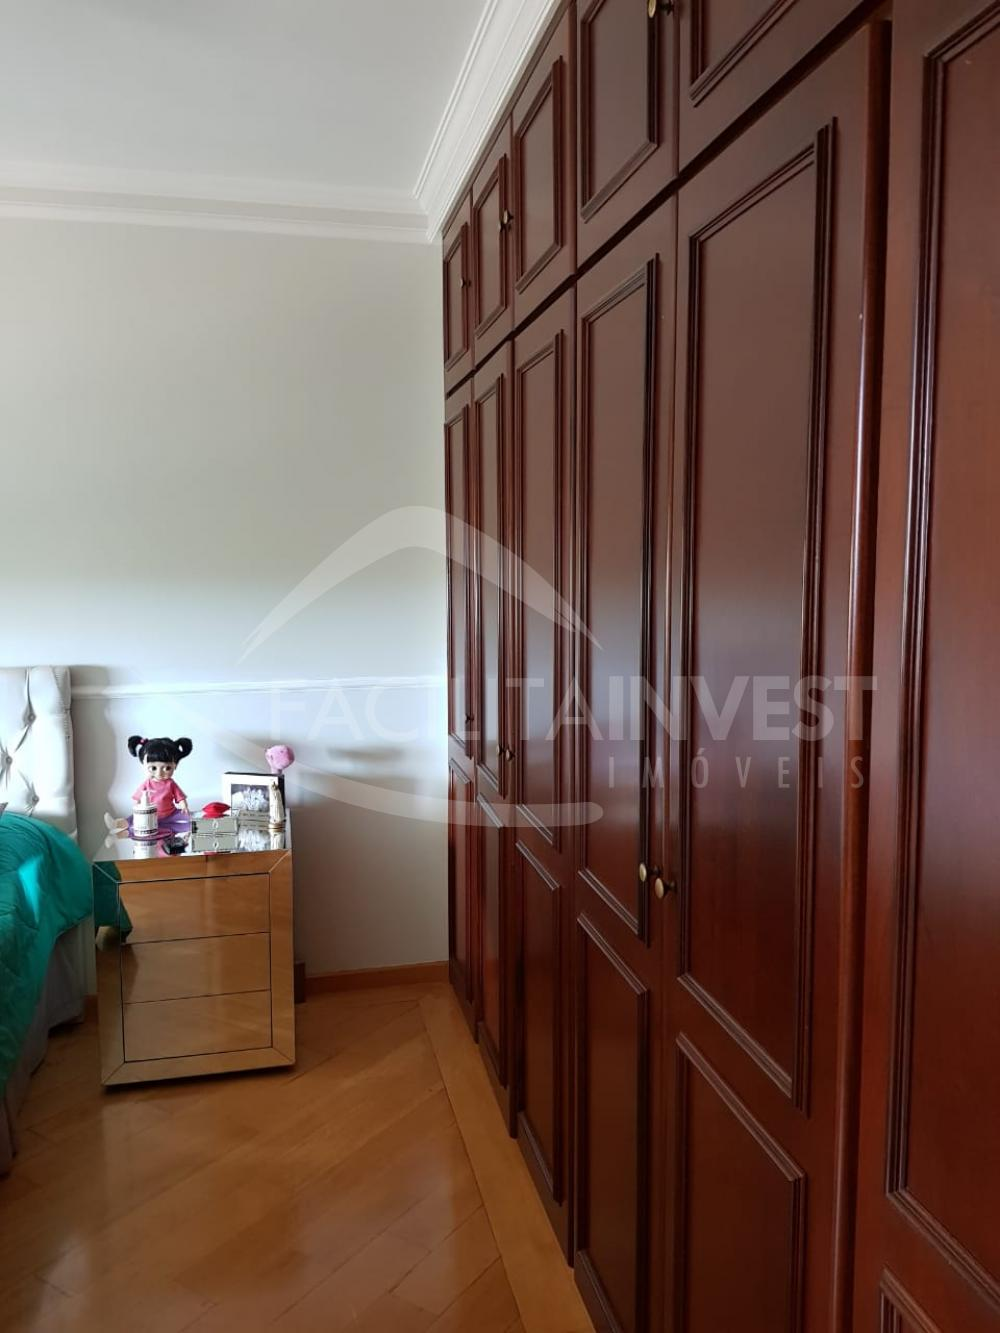 Comprar Apartamentos / Apart. Padrão em Ribeirão Preto apenas R$ 1.000.000,00 - Foto 25